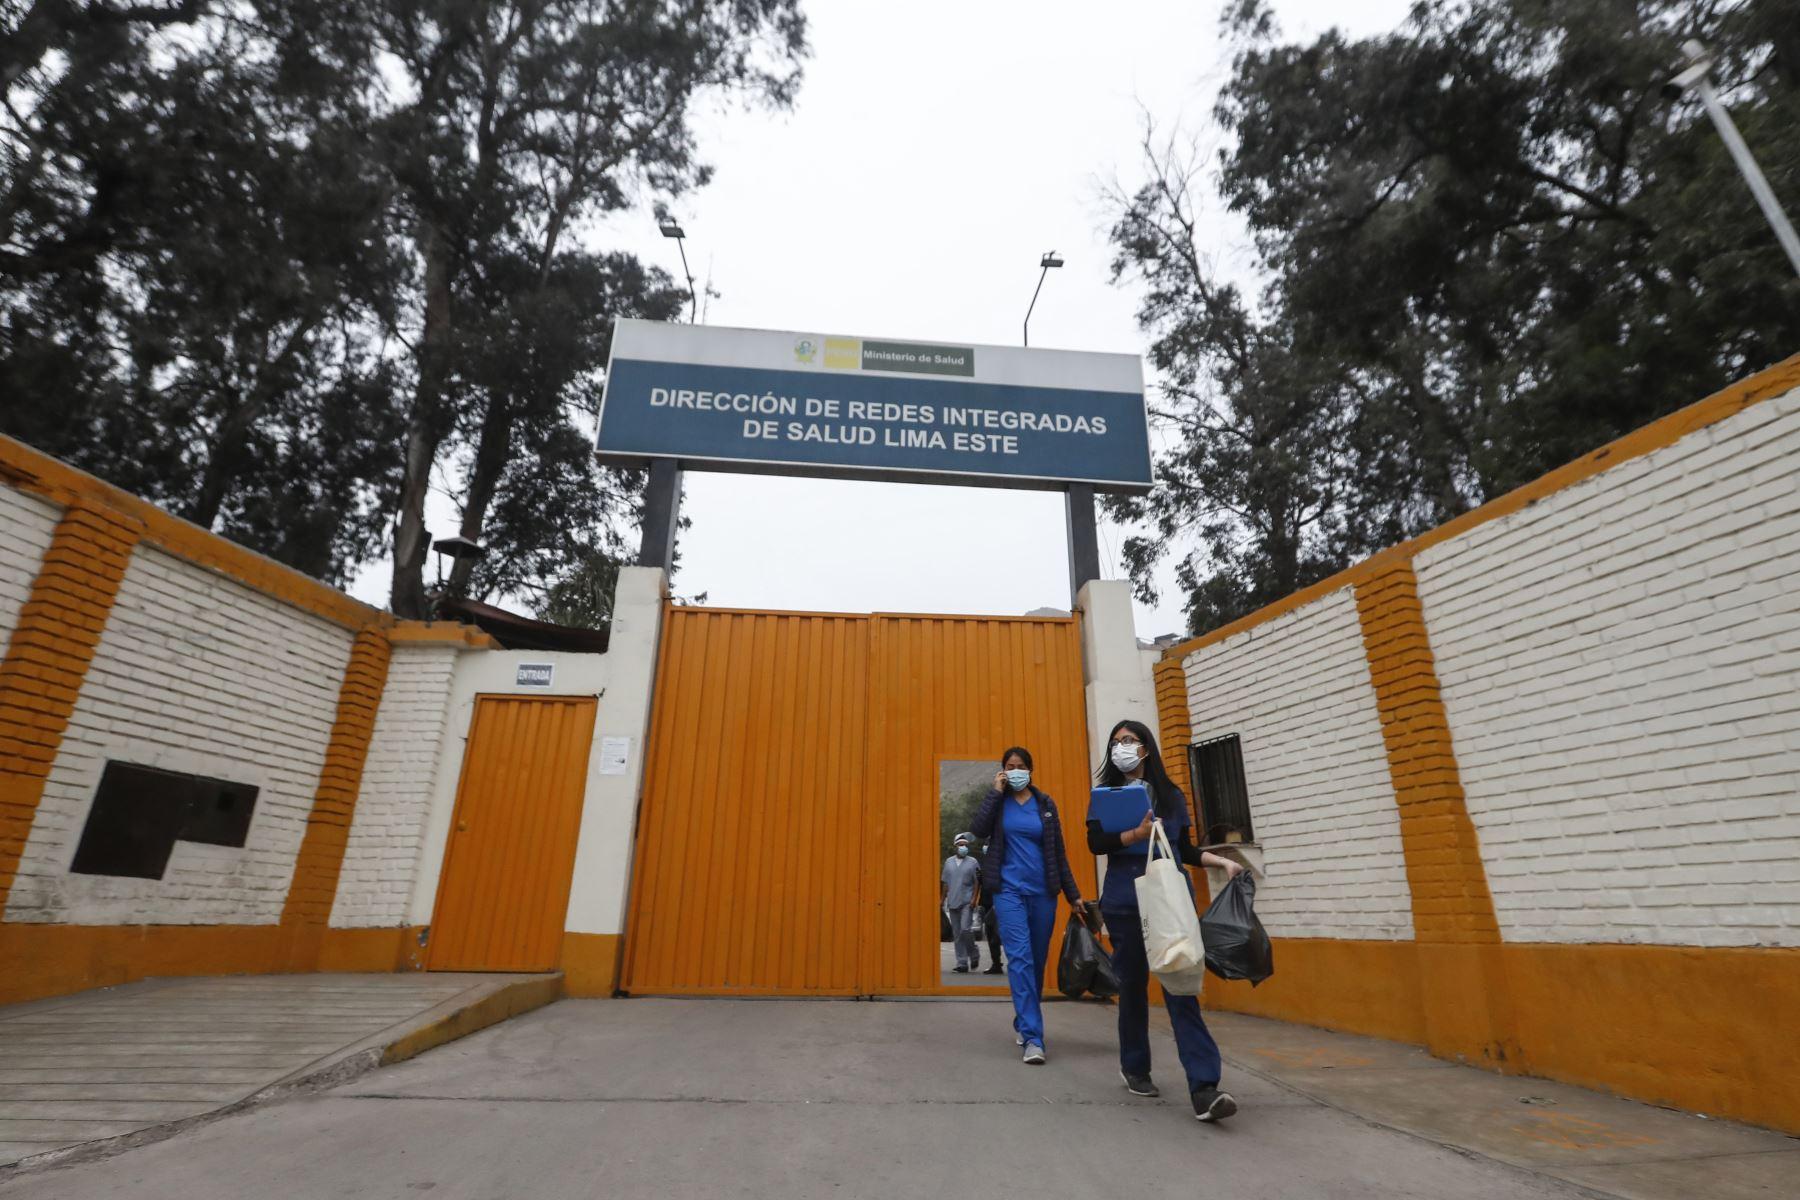 Las brigadas de salud parten desde la sede de la DIRIS Lima Este, ubicada en la cuadra 13 de la avenida Cesar Vallejo, en El Agustino. Foto: ANDINA/Renato Pajuelo